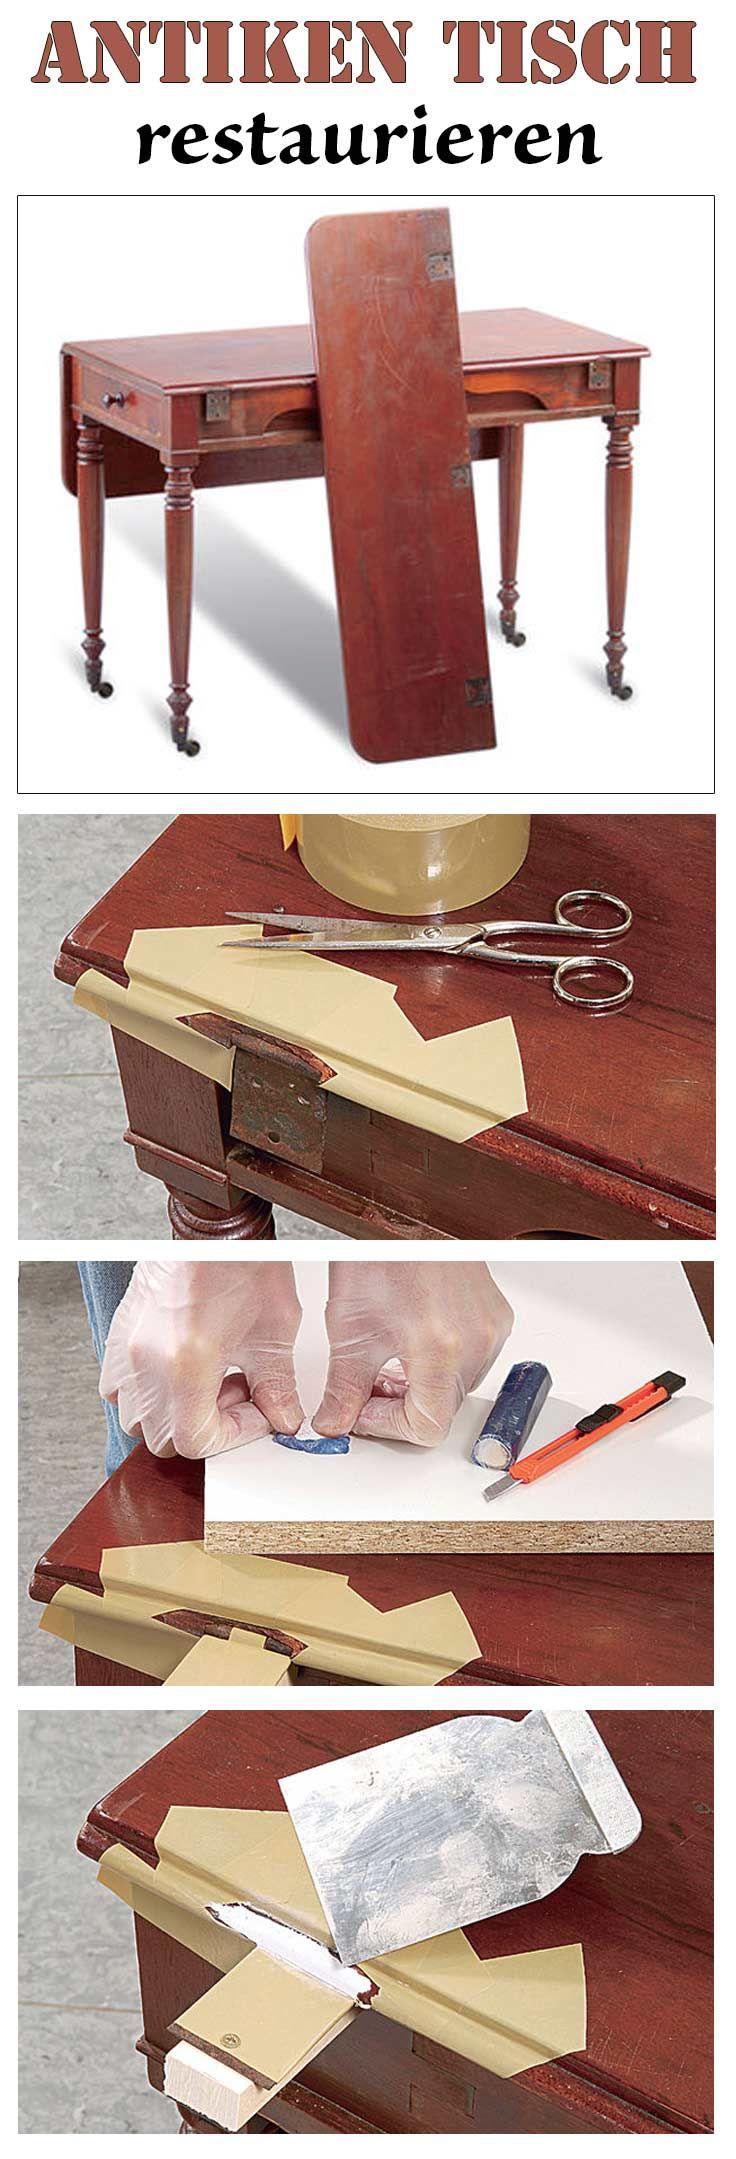 Restaurieren for Beginner: Wir zeigen, wie man ausgebrochene Holzstücke ergänzt und Scharniere an einem antiken Tisch repariert.